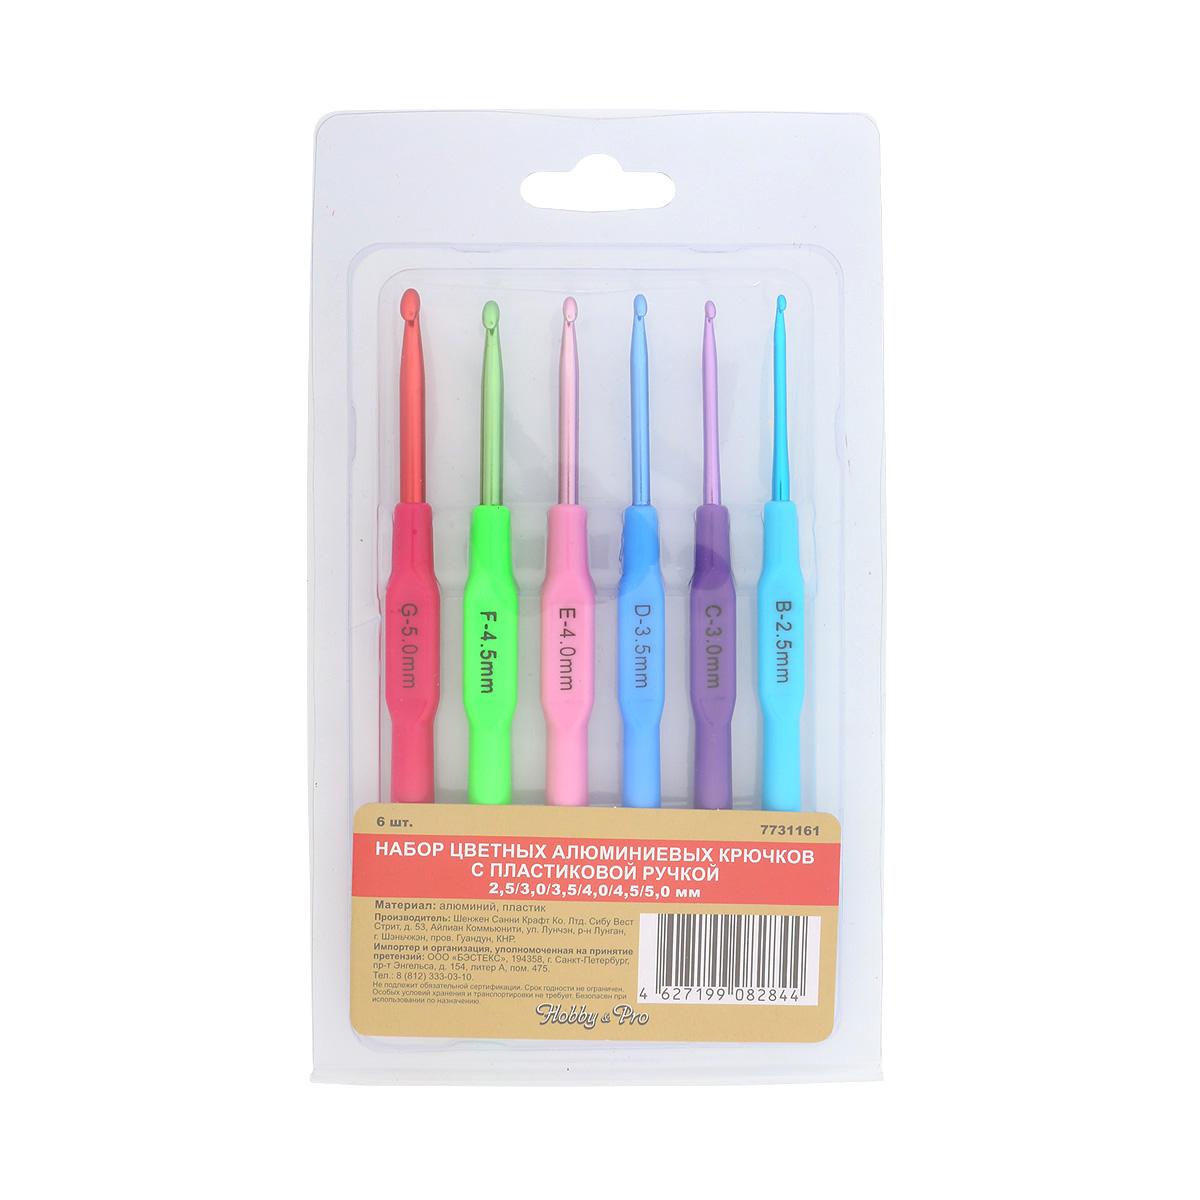 1287 Набор цв. алюм. крючков с пластиковой ручкой 2,5мм-5,0мм.,упак(6шт),Hobby&Pro